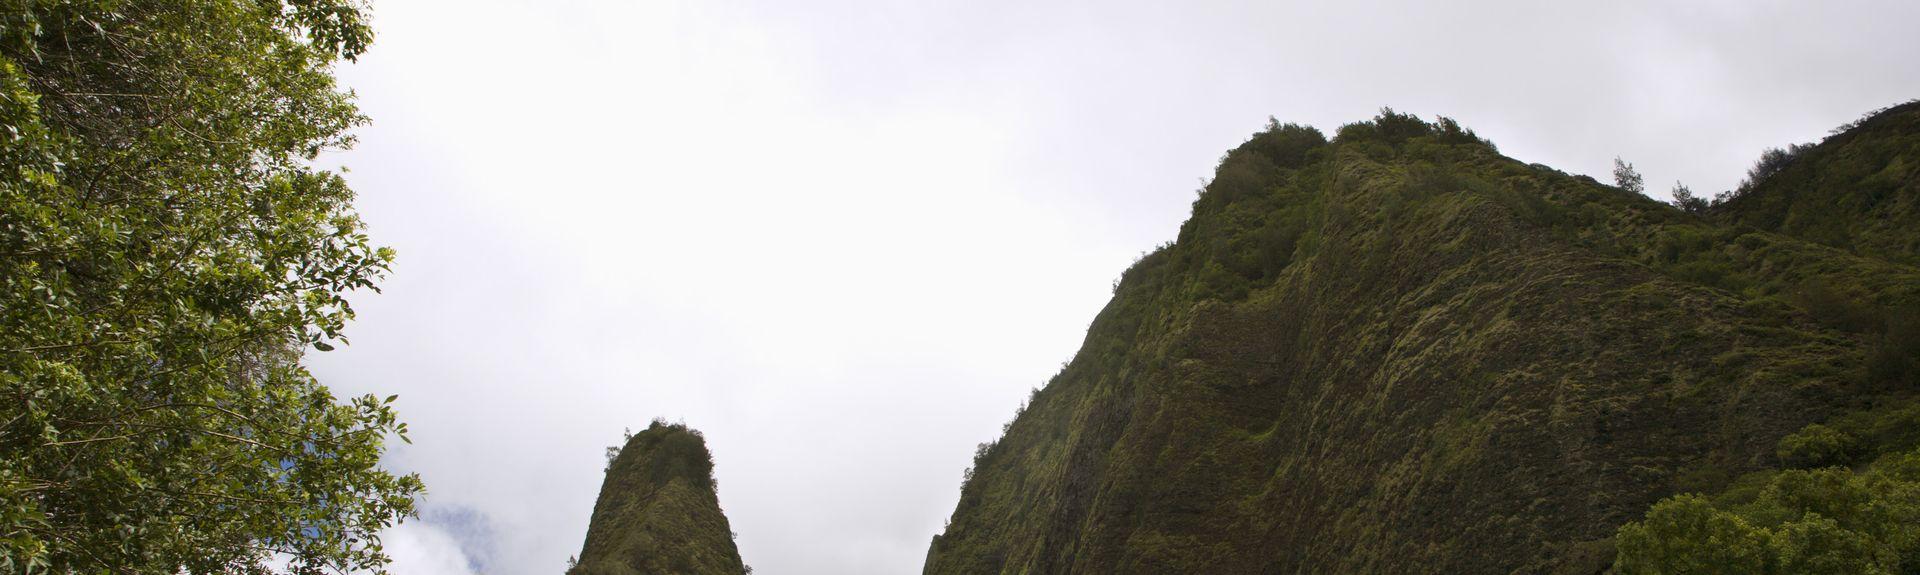 Kaunakakai, Moloka'i, HI, USA